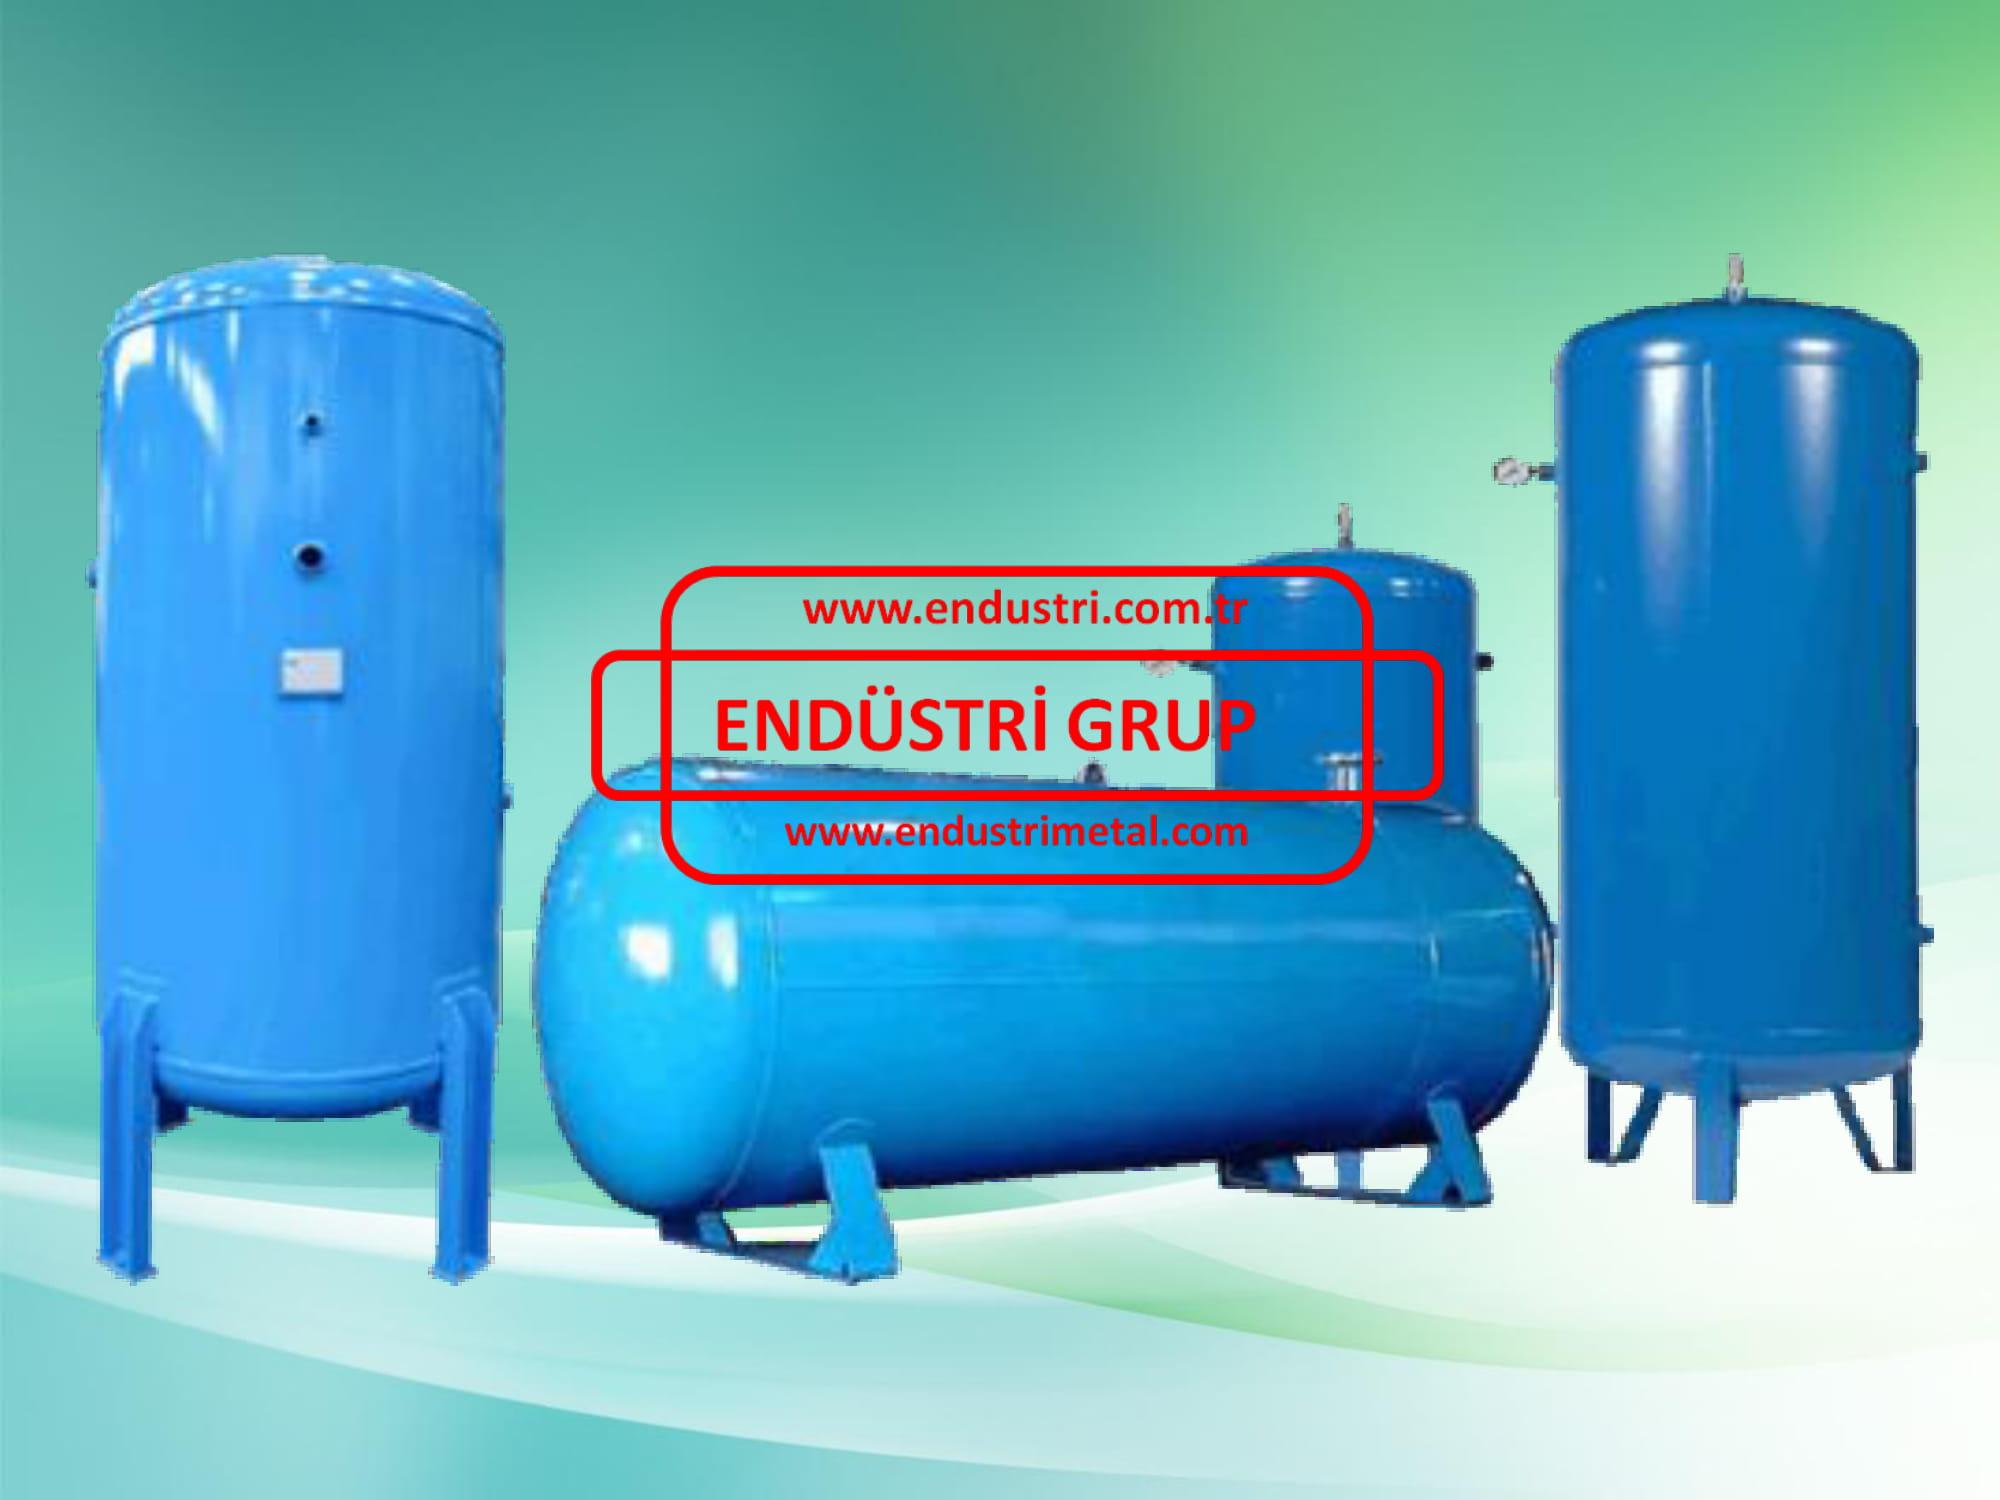 basincli-kompresor-hava-tanki-imalati-tanklari-tupu-emniyet-ventili-deposu-fiyati